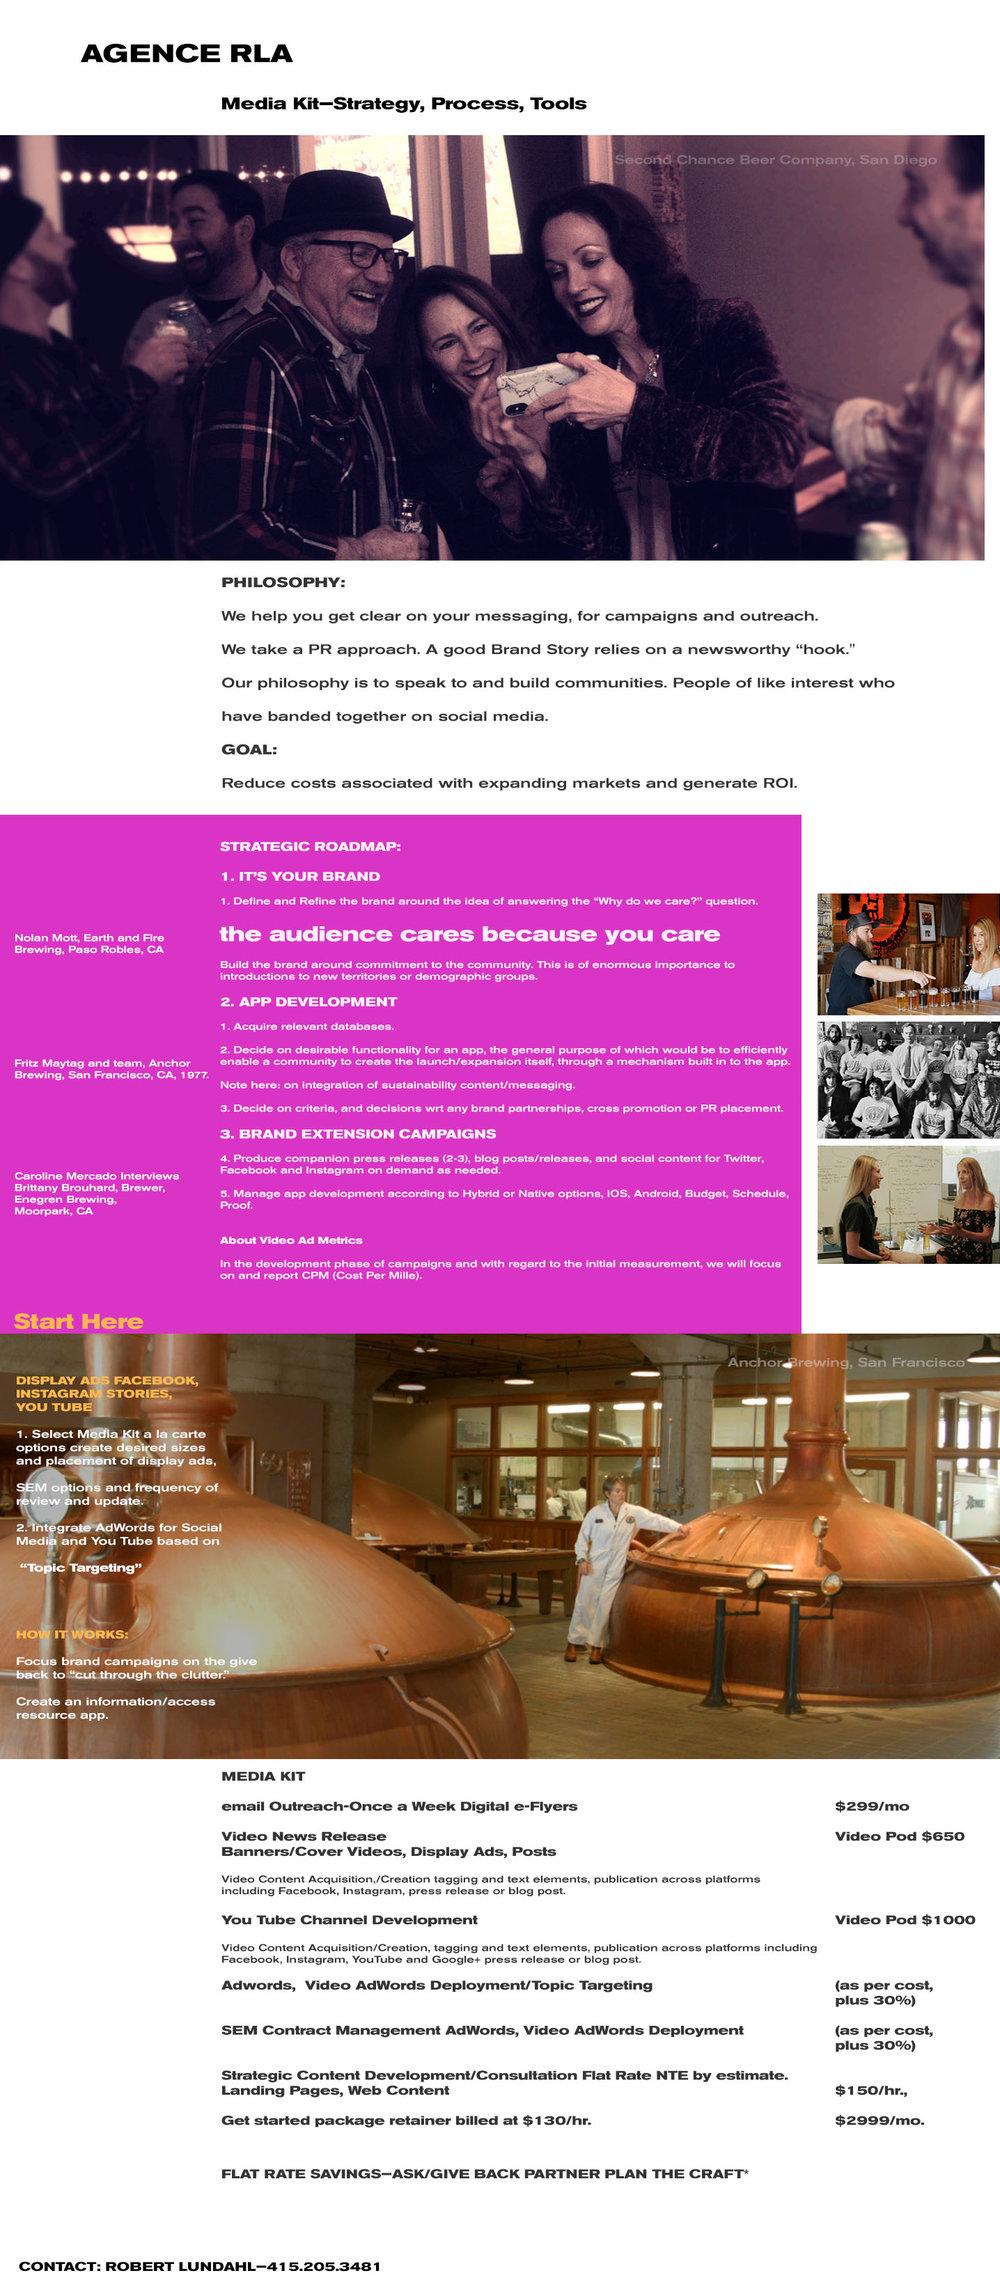 agence_media_kit_Strategy_Process_Tools.jpg